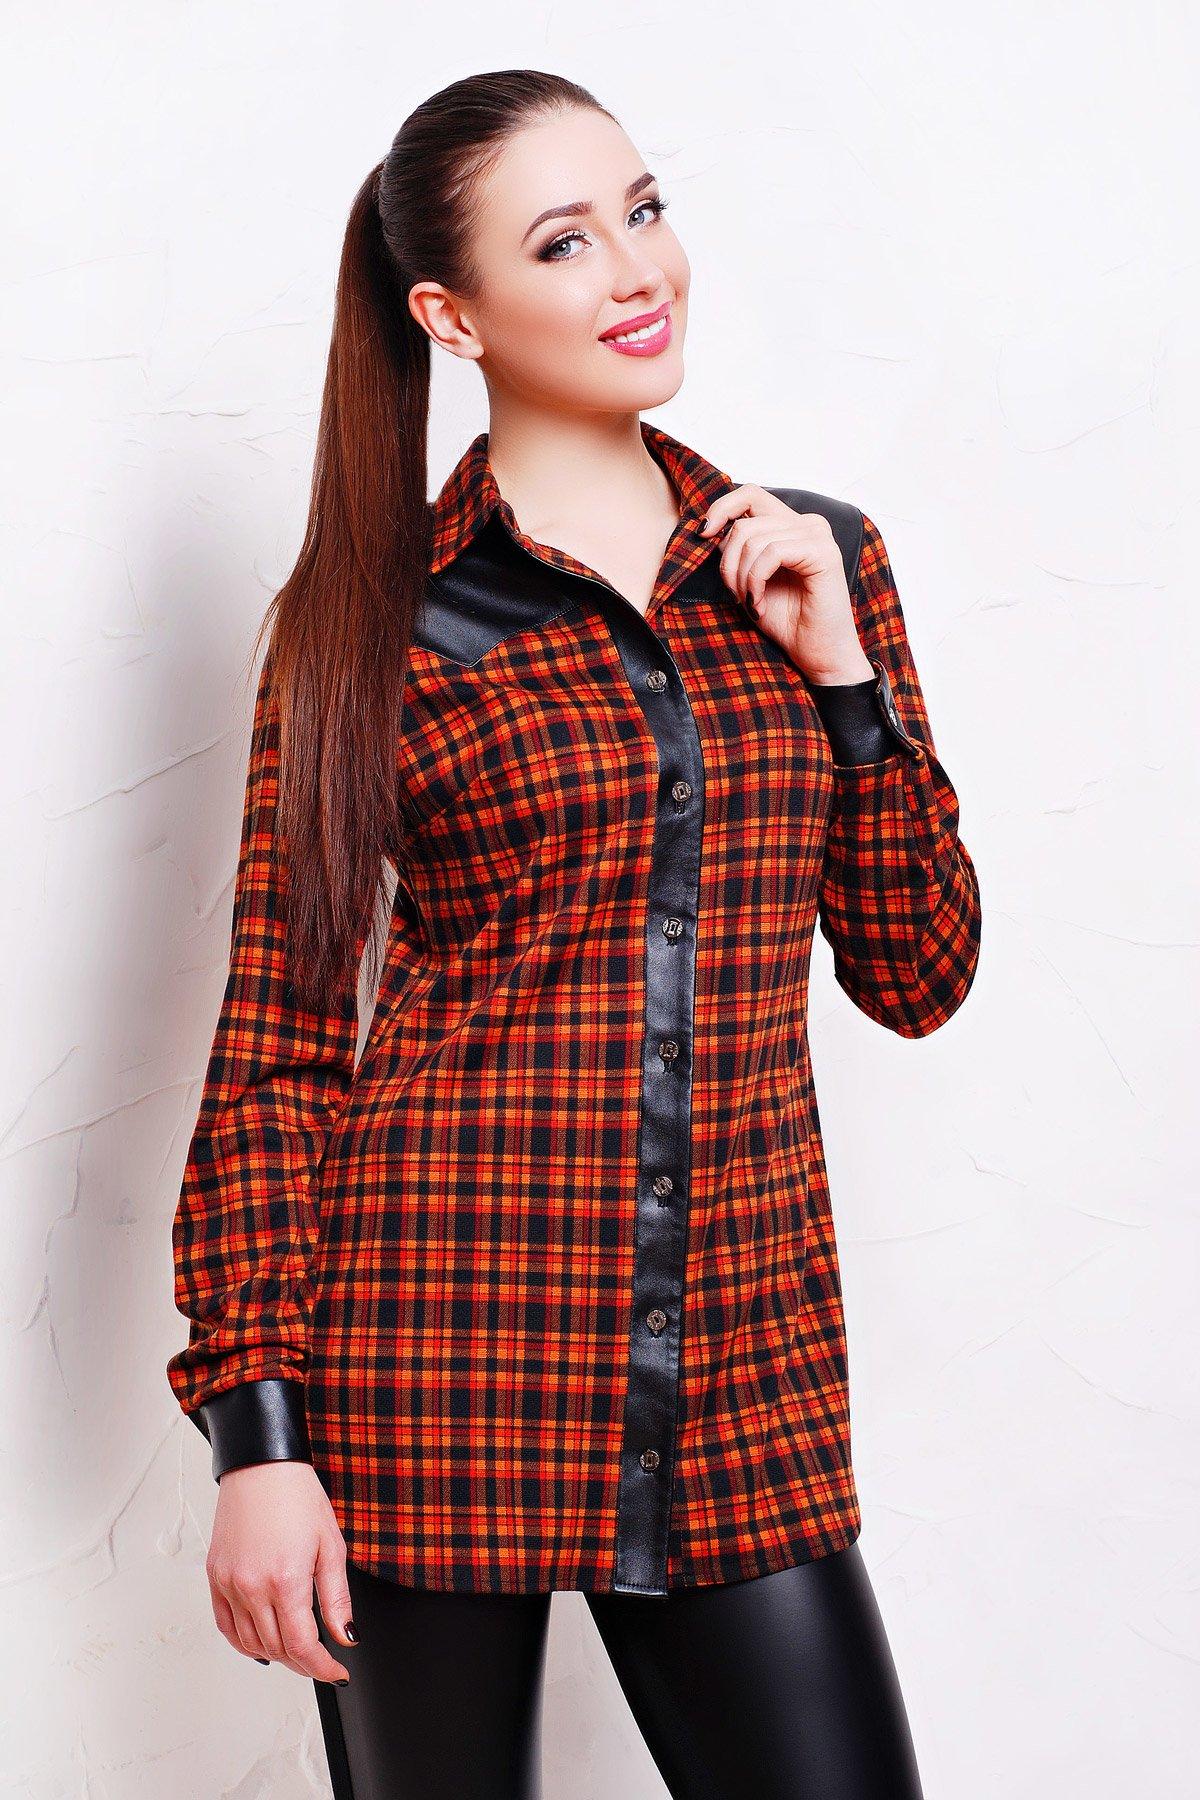 40f2bc82233 Женская клетчатая рубашка с кожаными вставками Аризона - купить ...